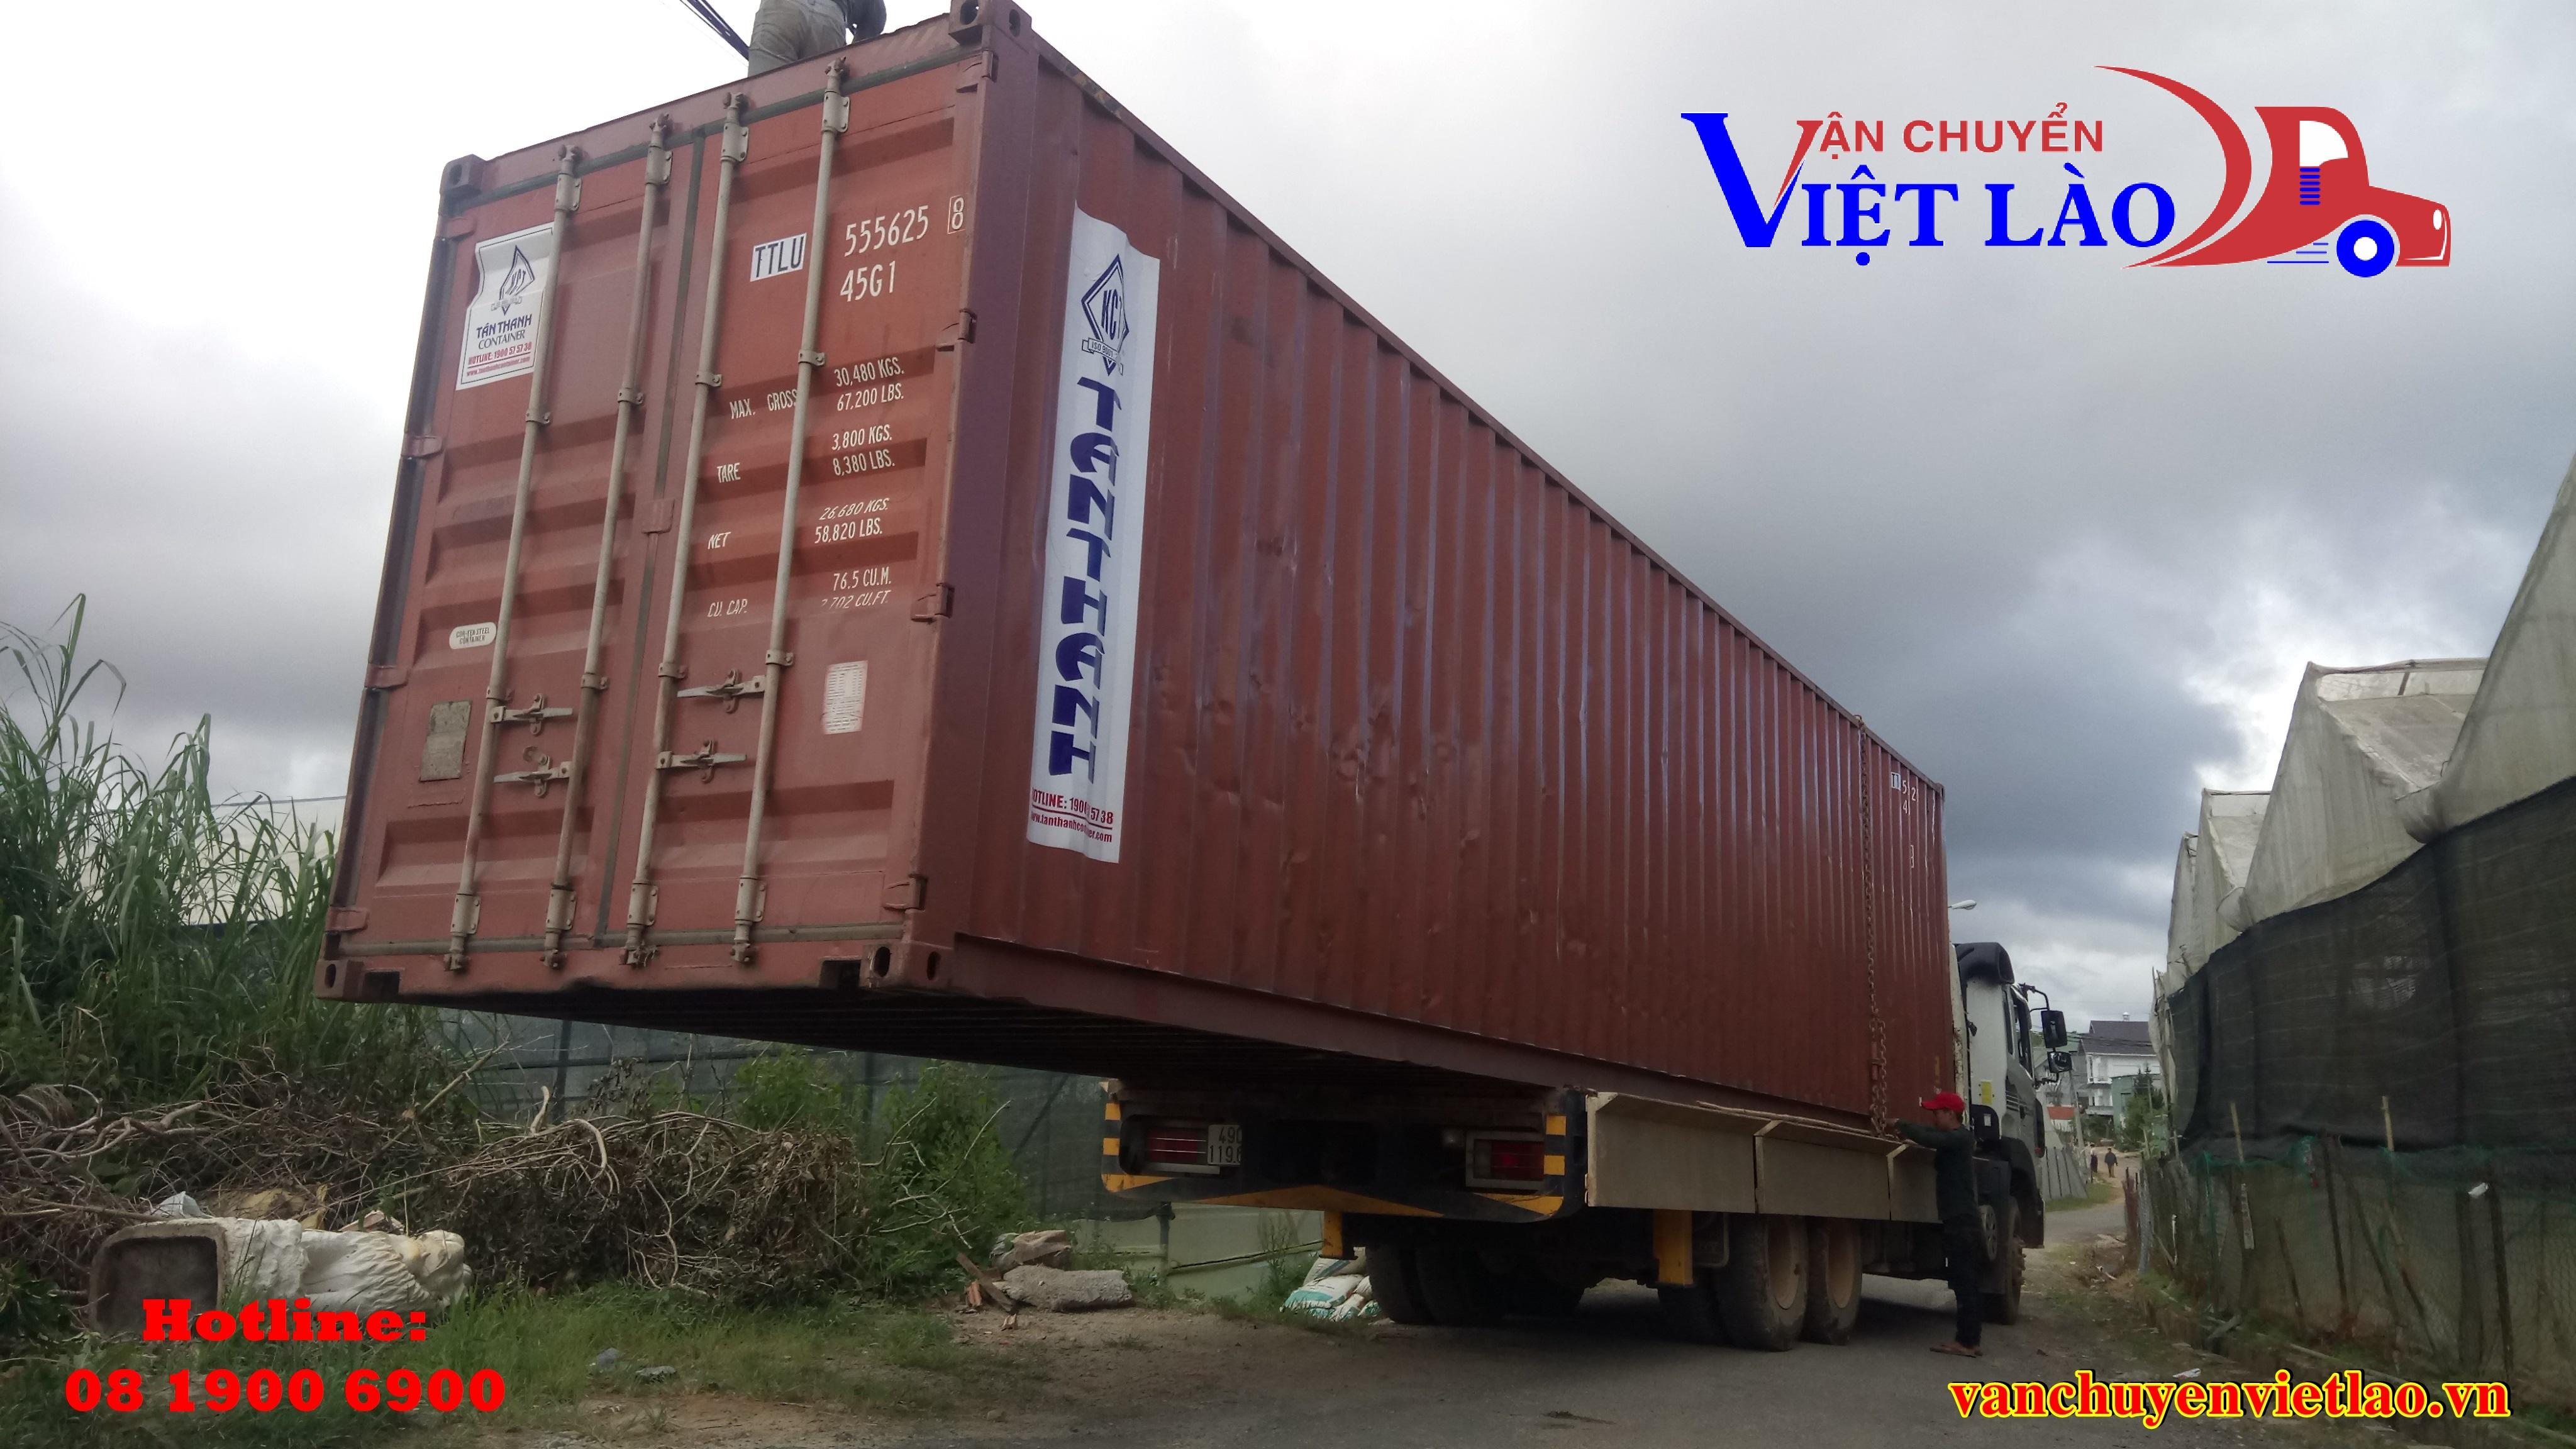 Vận chuyển hàng Bắc Ninh - Xiêng Khoảng